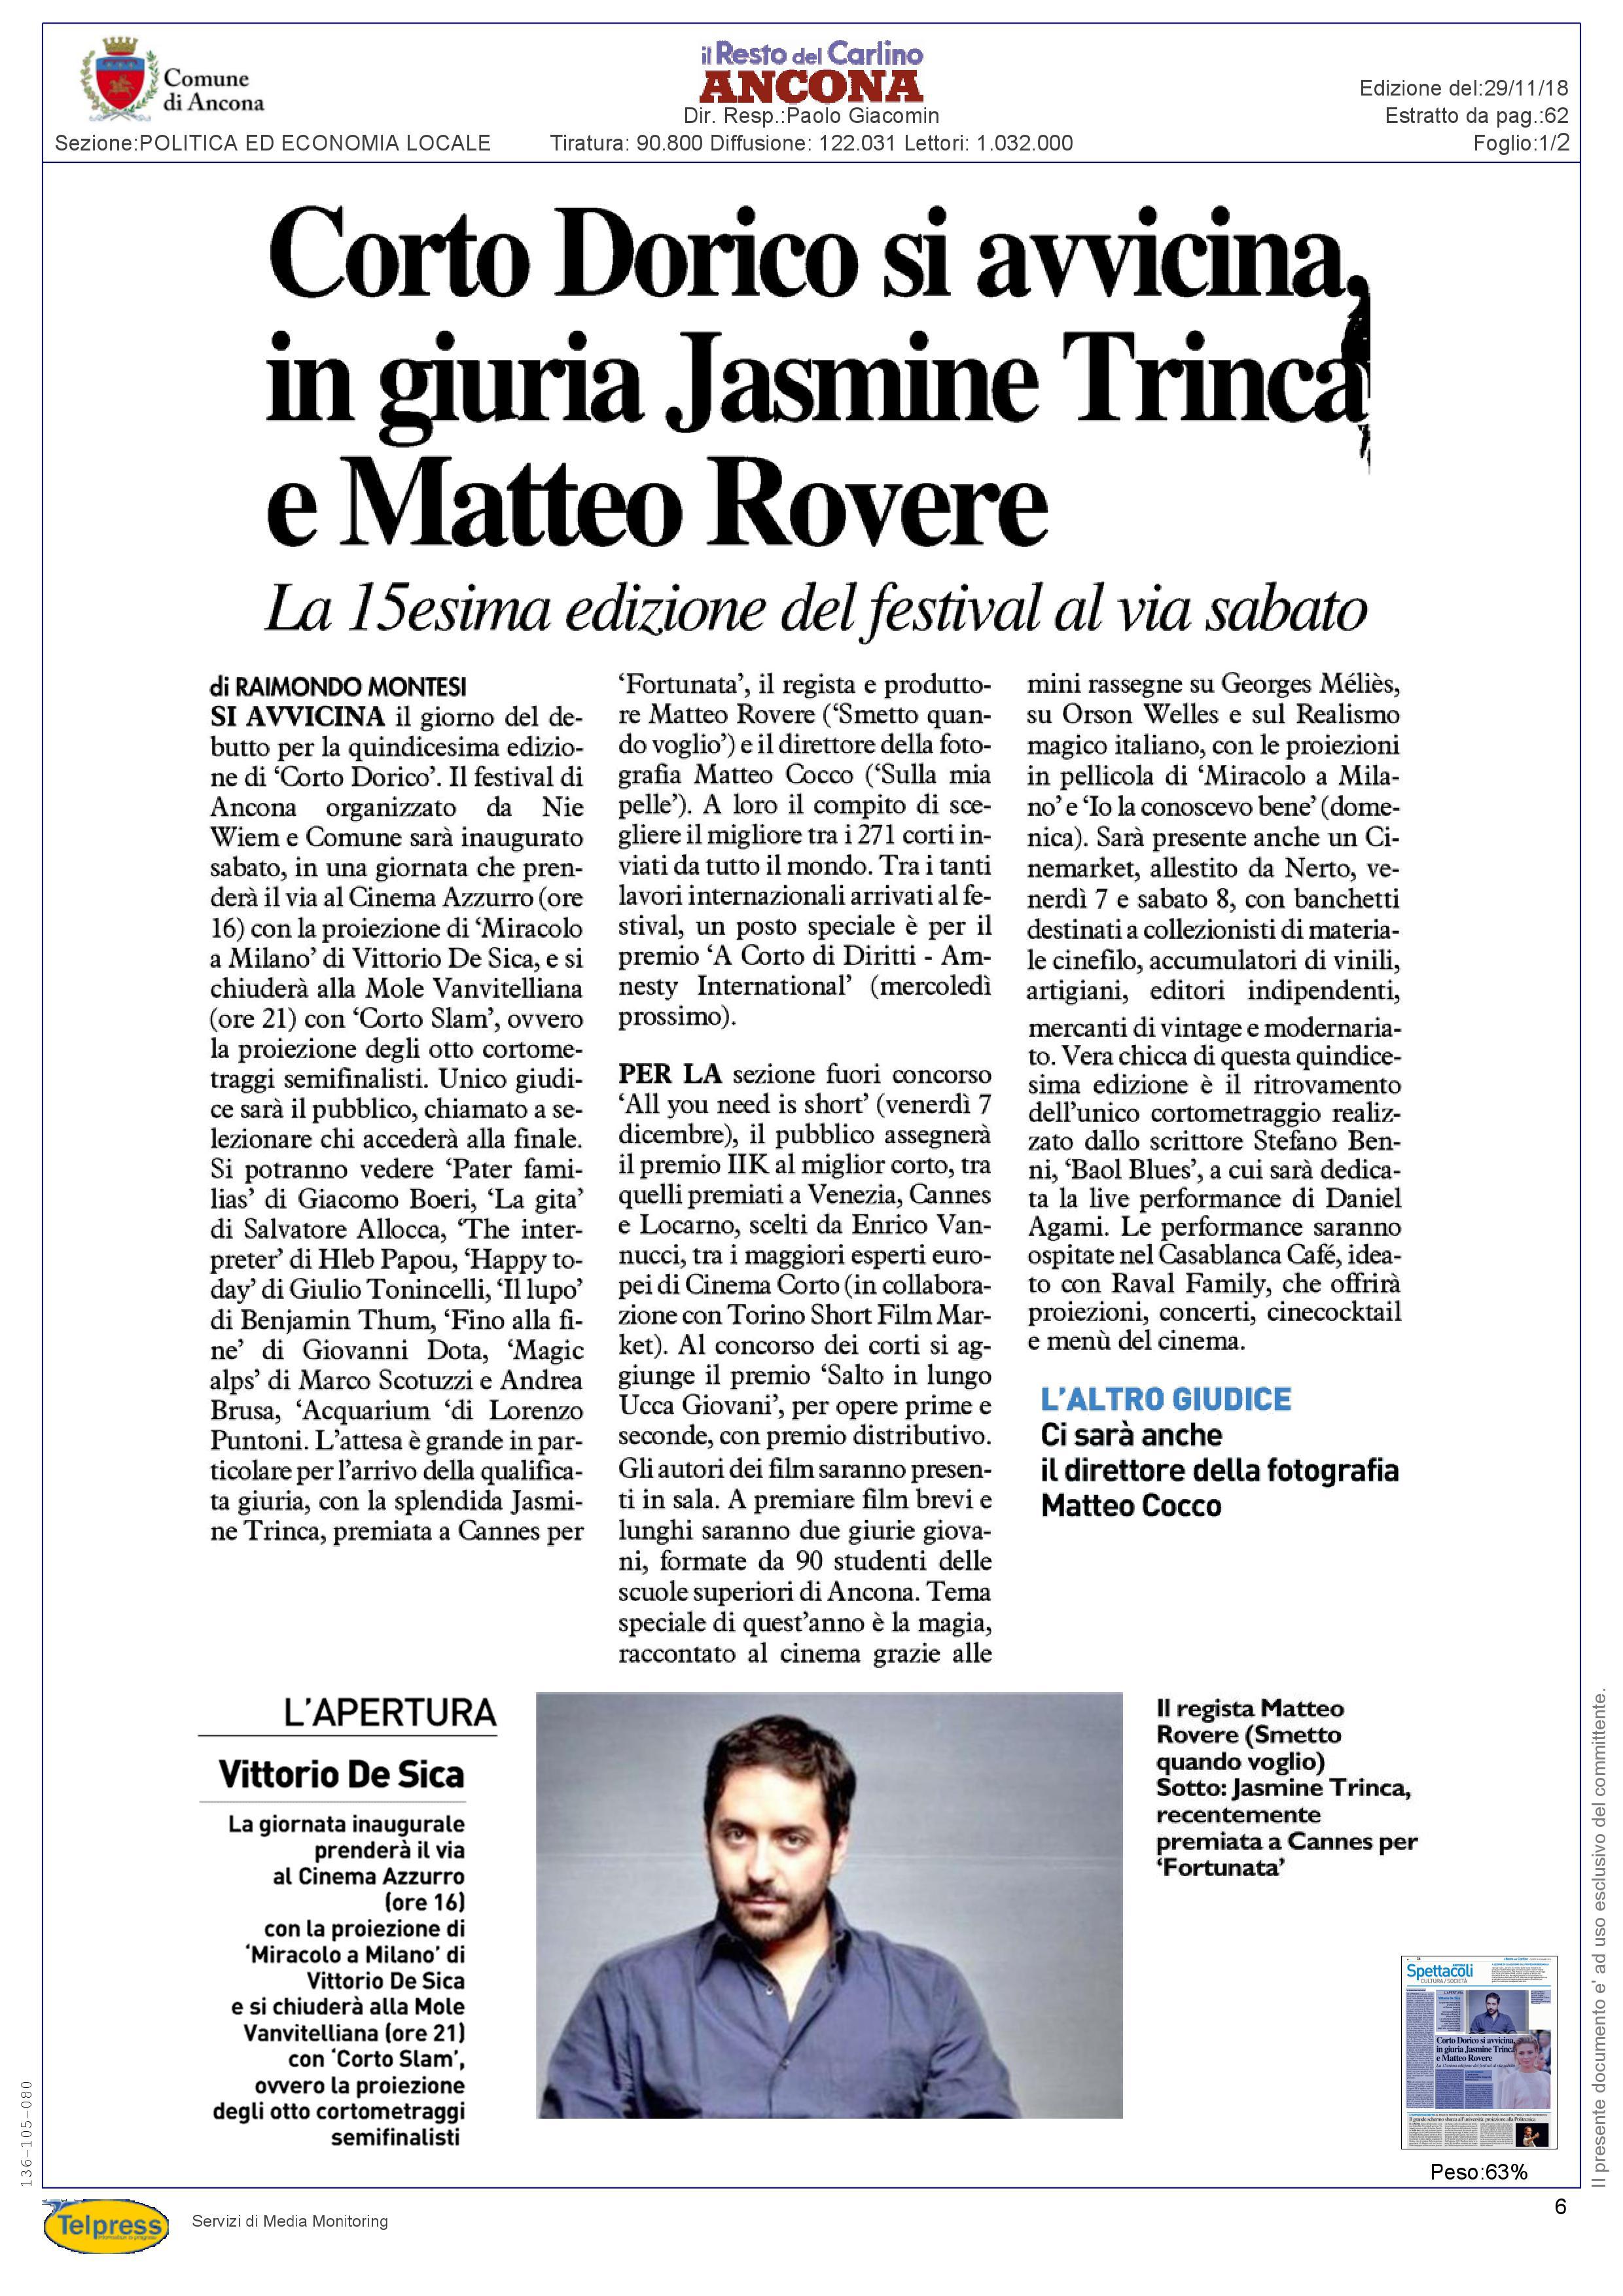 29-11-18 Il Resto del Carilino (Ancona)